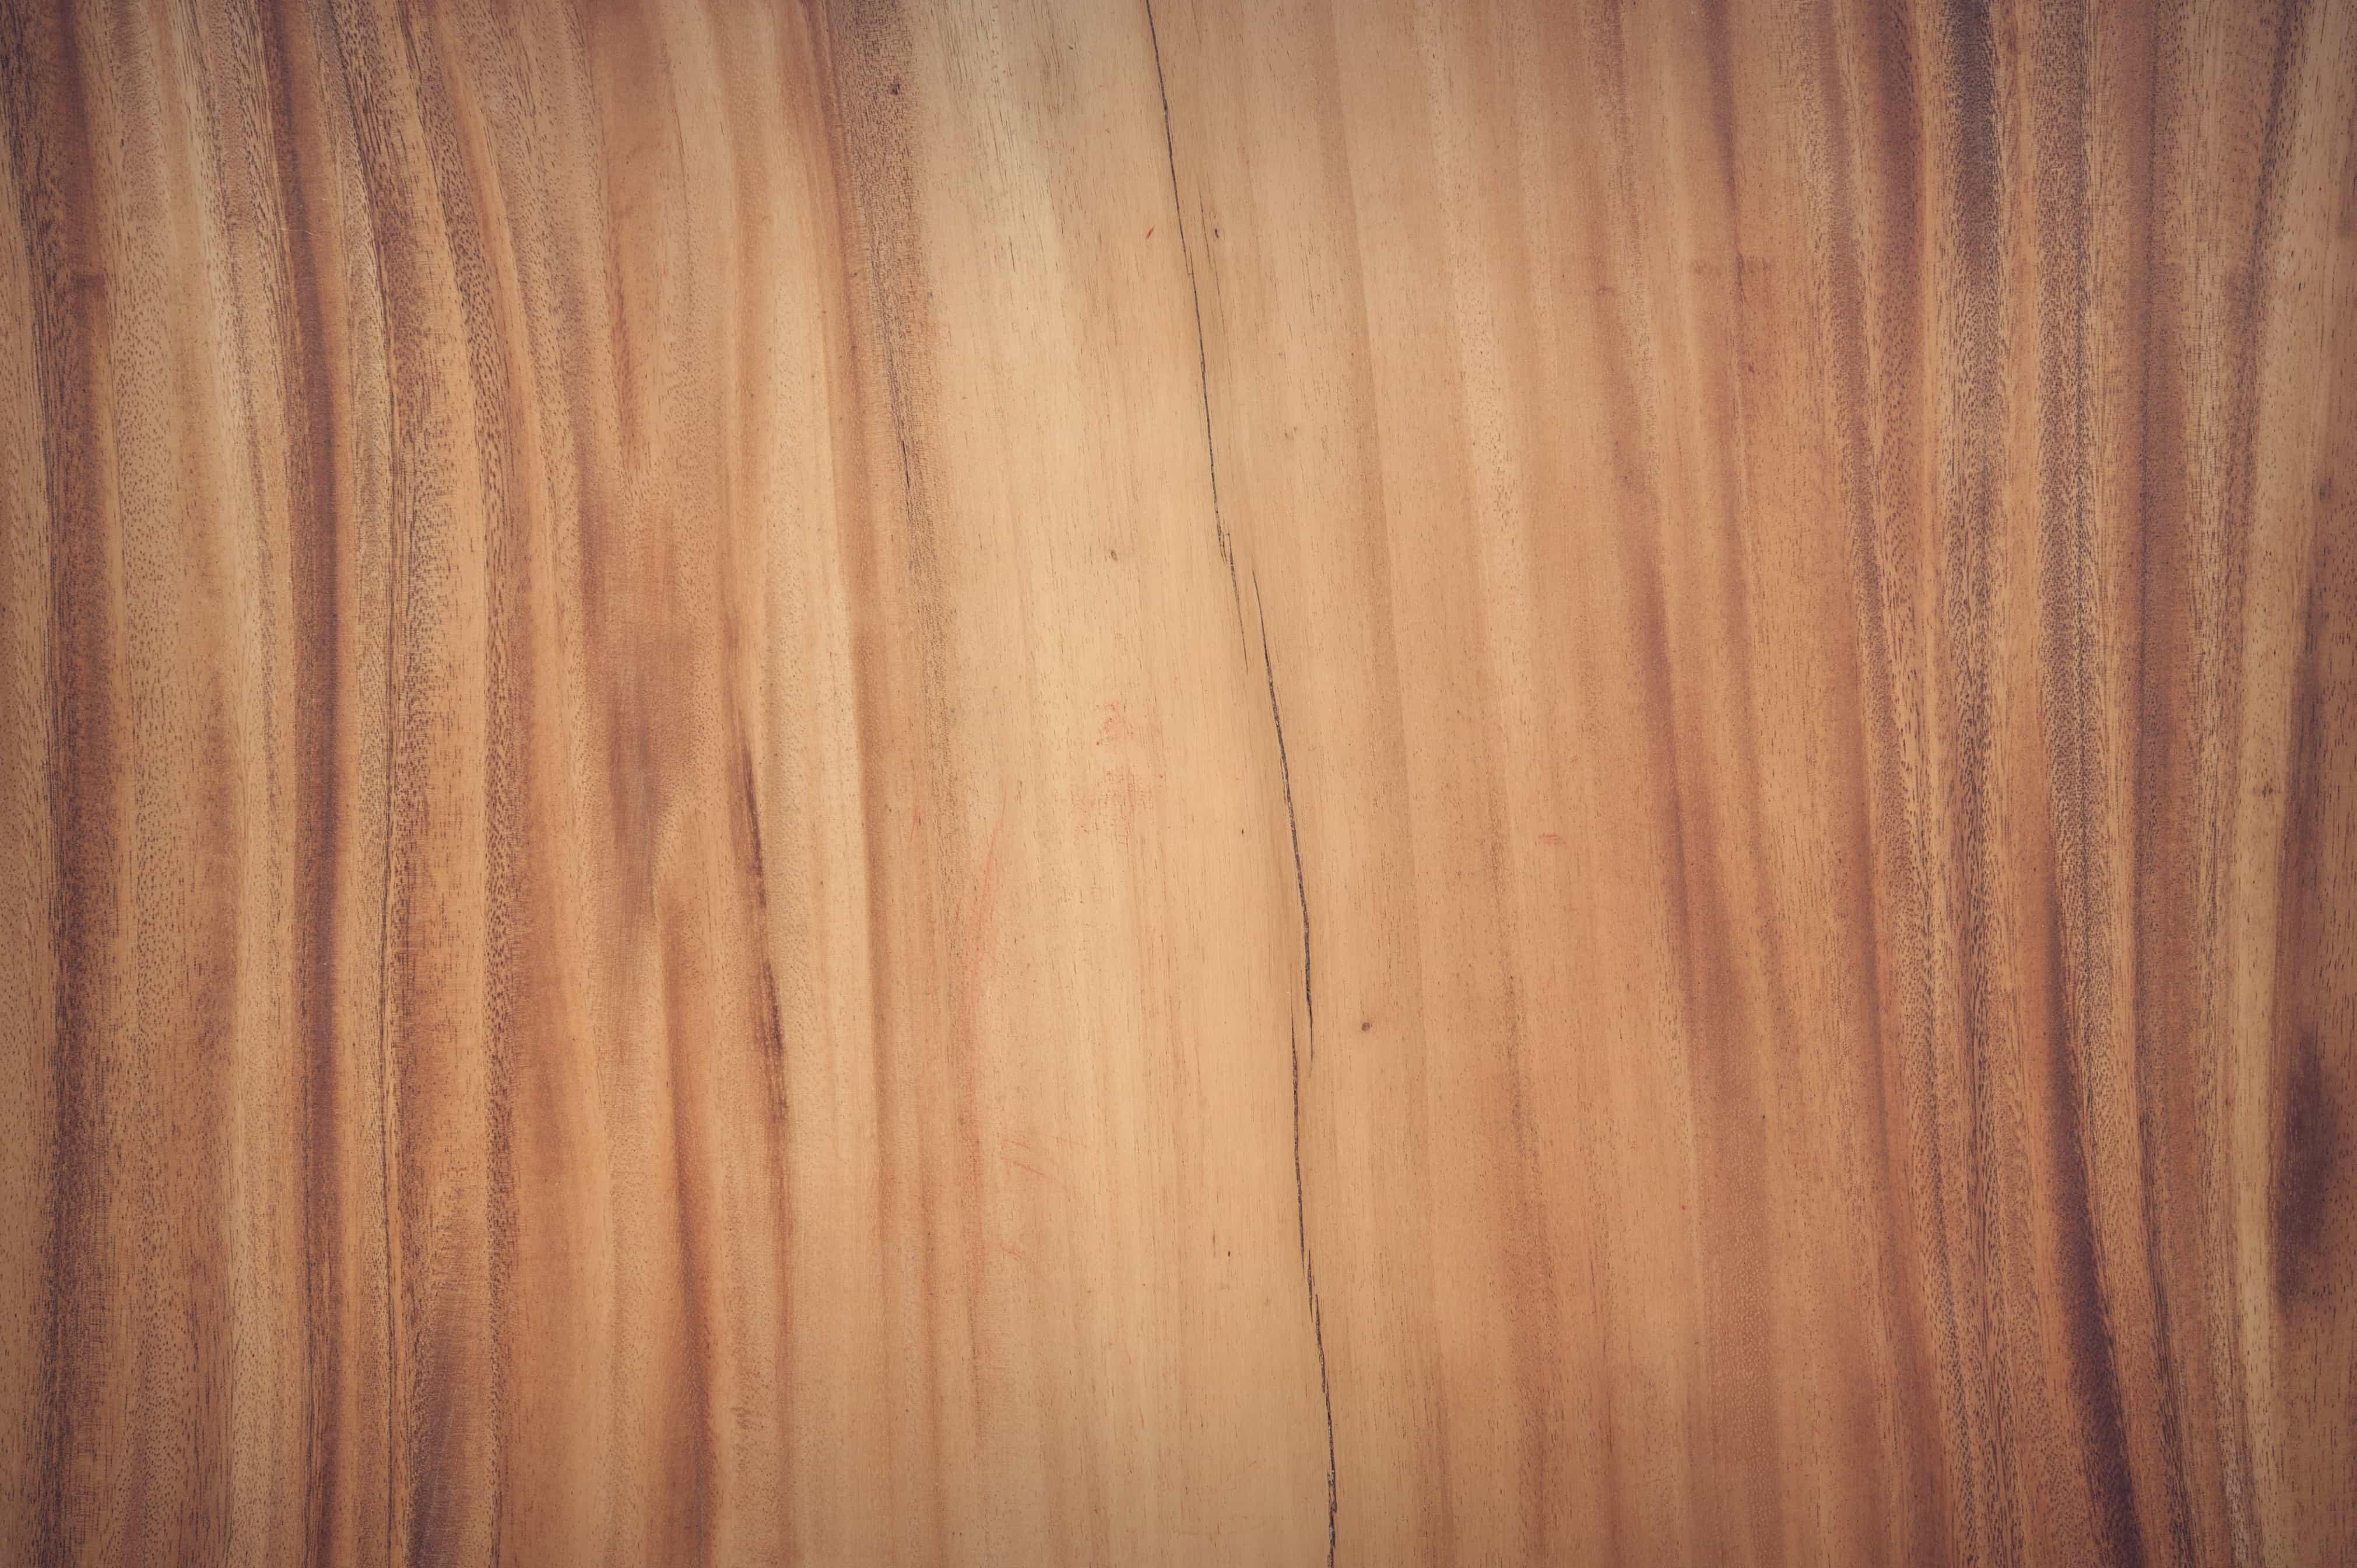 kostenlose bild: hartholz, rau, parkett, korn, tischlerei, fußboden